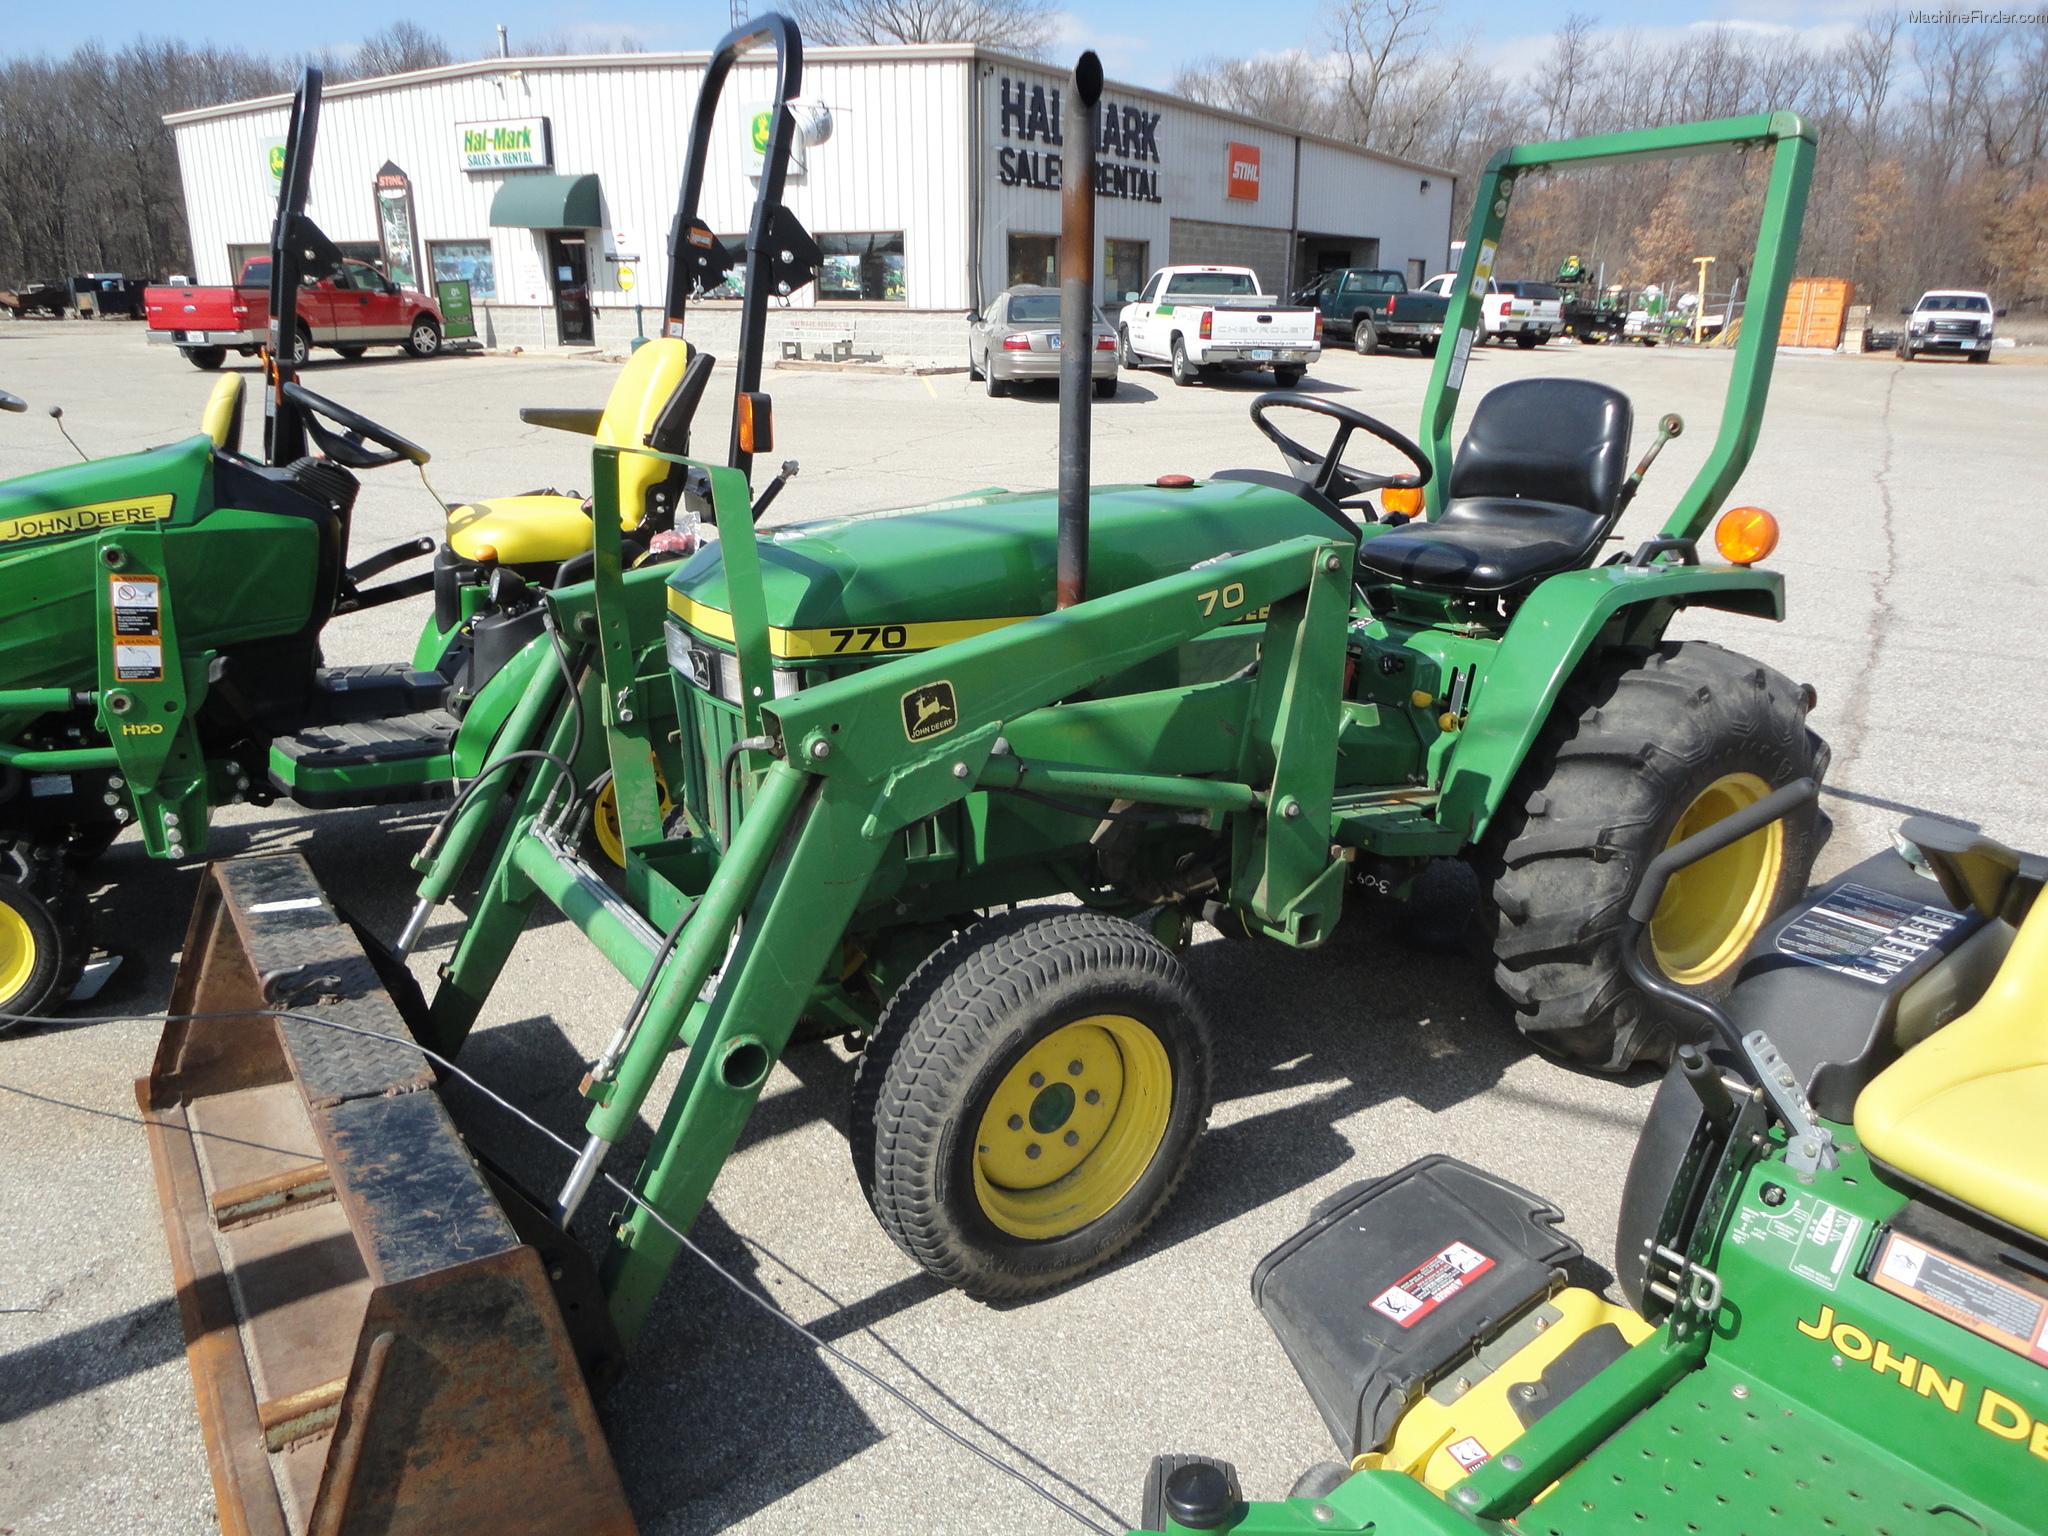 John Deere 770 Tractors - Compact (1-40hp.) - John Deere ...